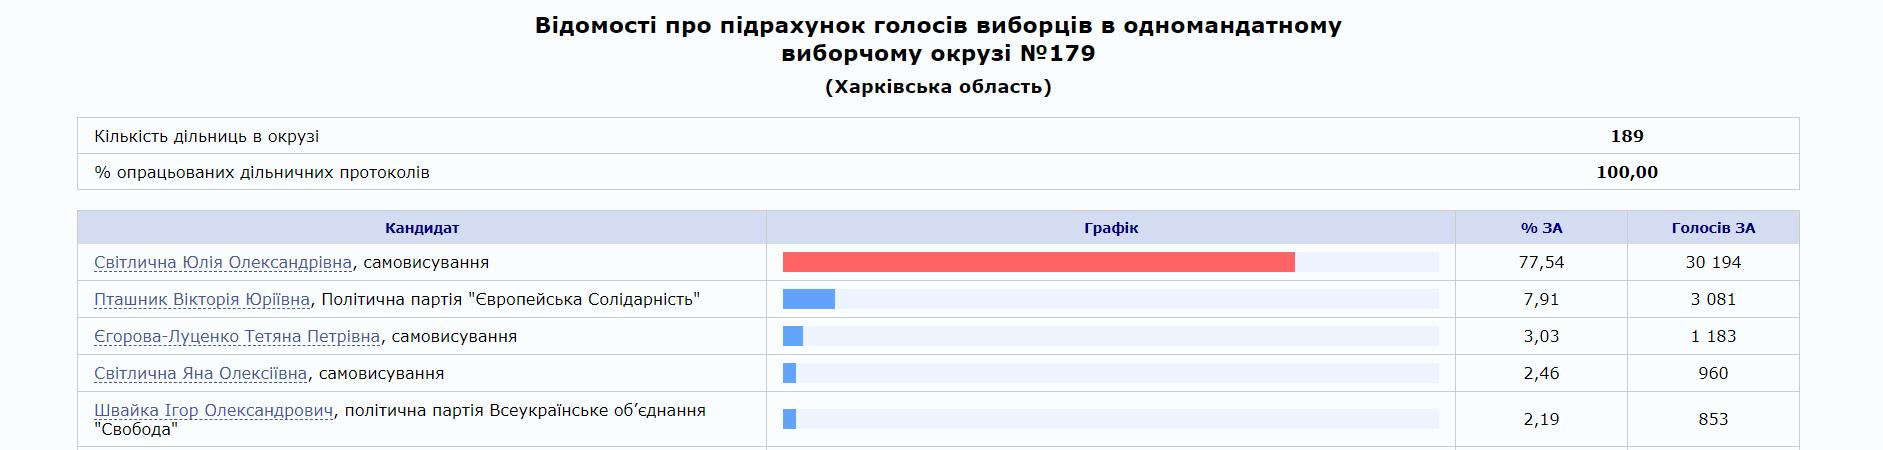 Юлия Светличная победила на промежуточных выборах в Харьковской области